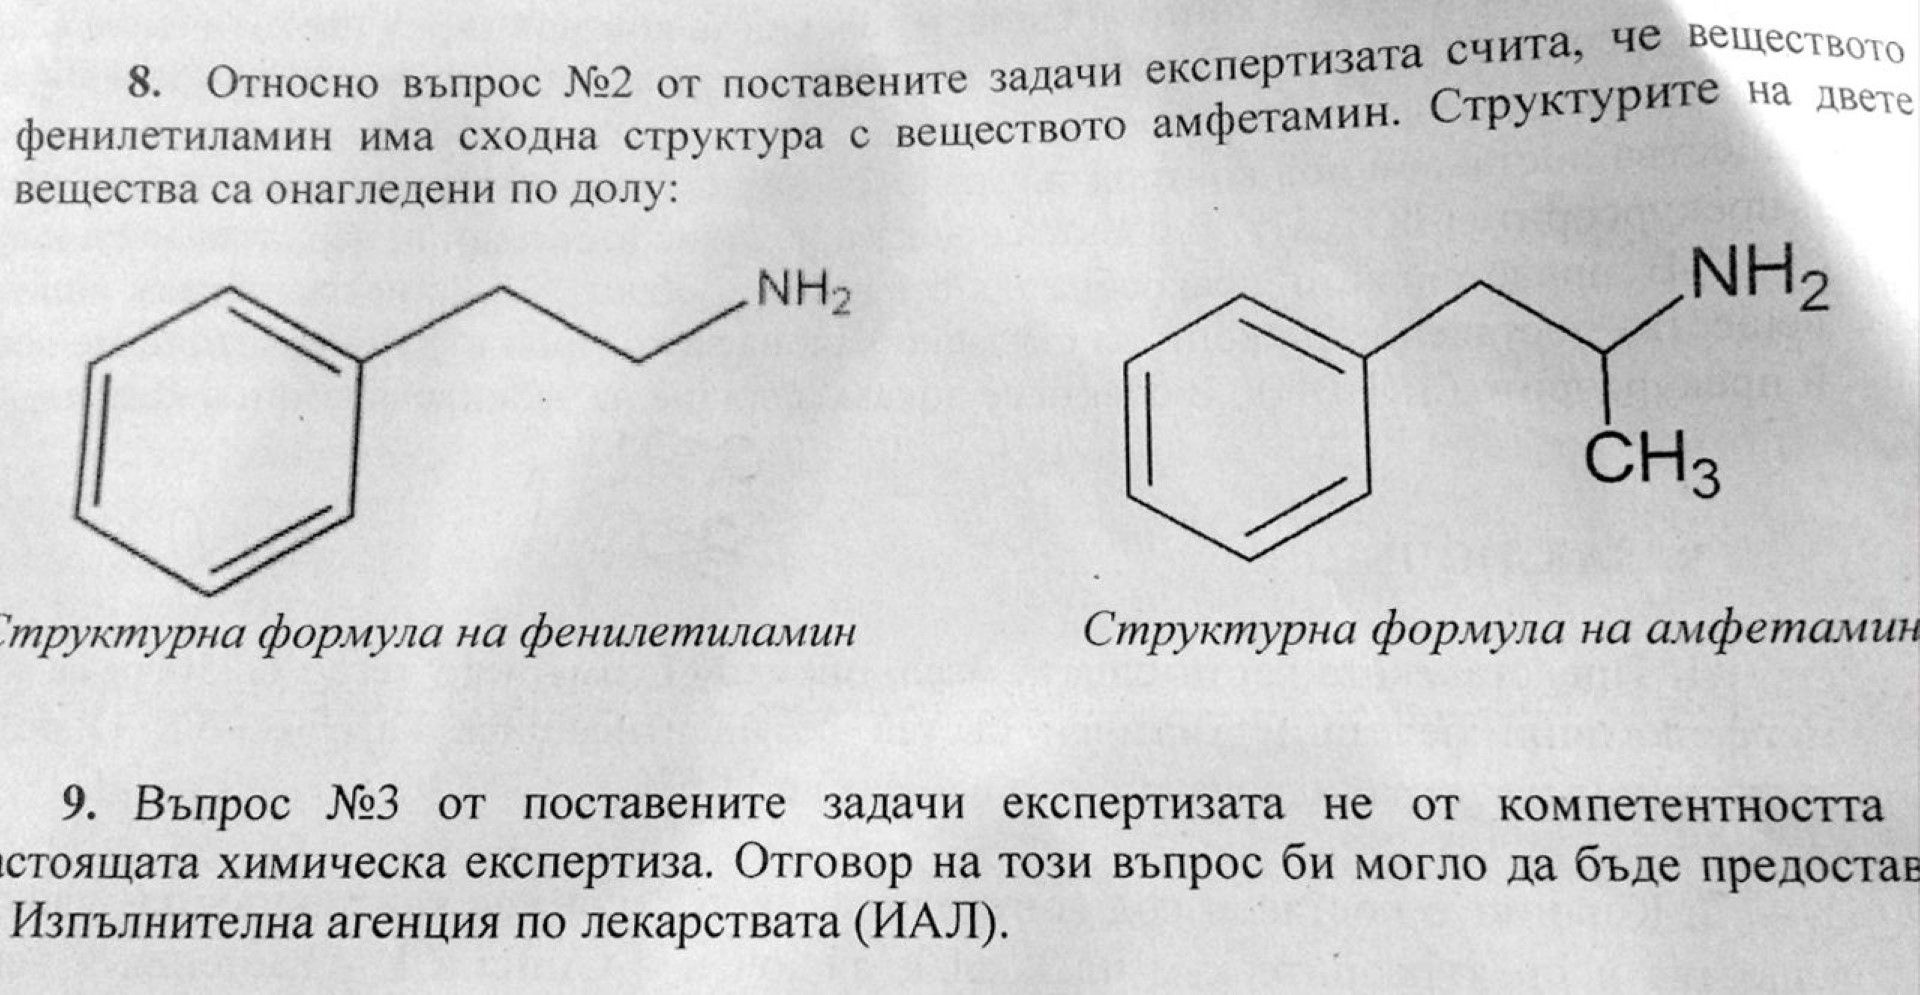 Експертизата в НИК категорично показва разликата във формулата на откритото вещество и наркотика